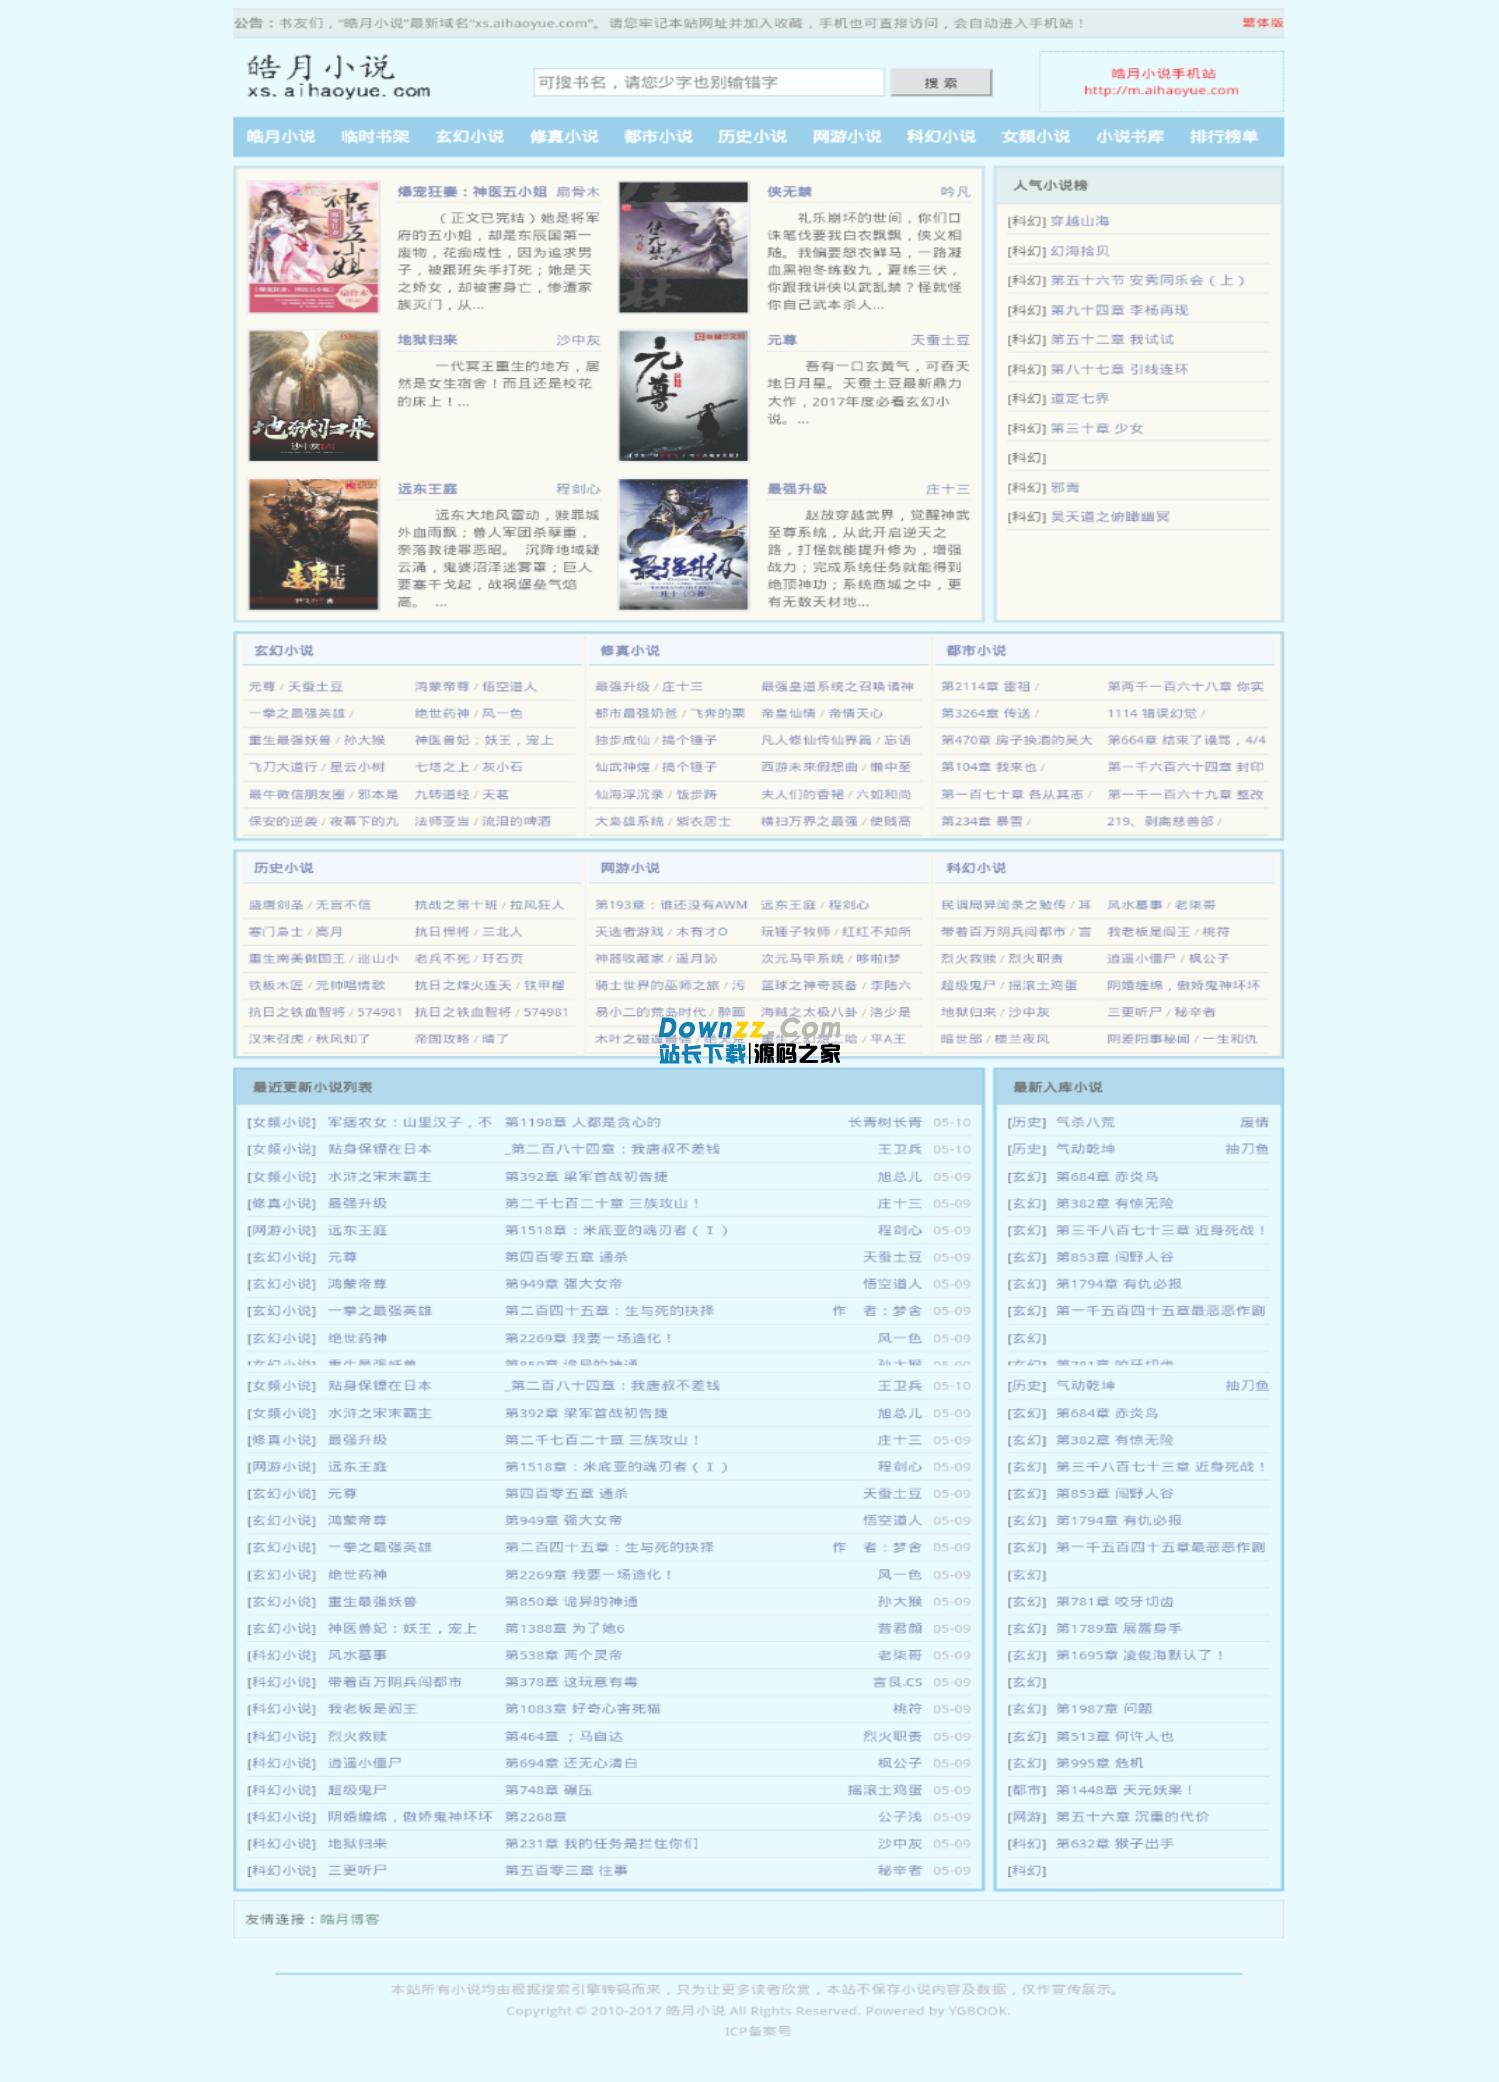 YGBOOK小说最新全面破解版2018.7.2